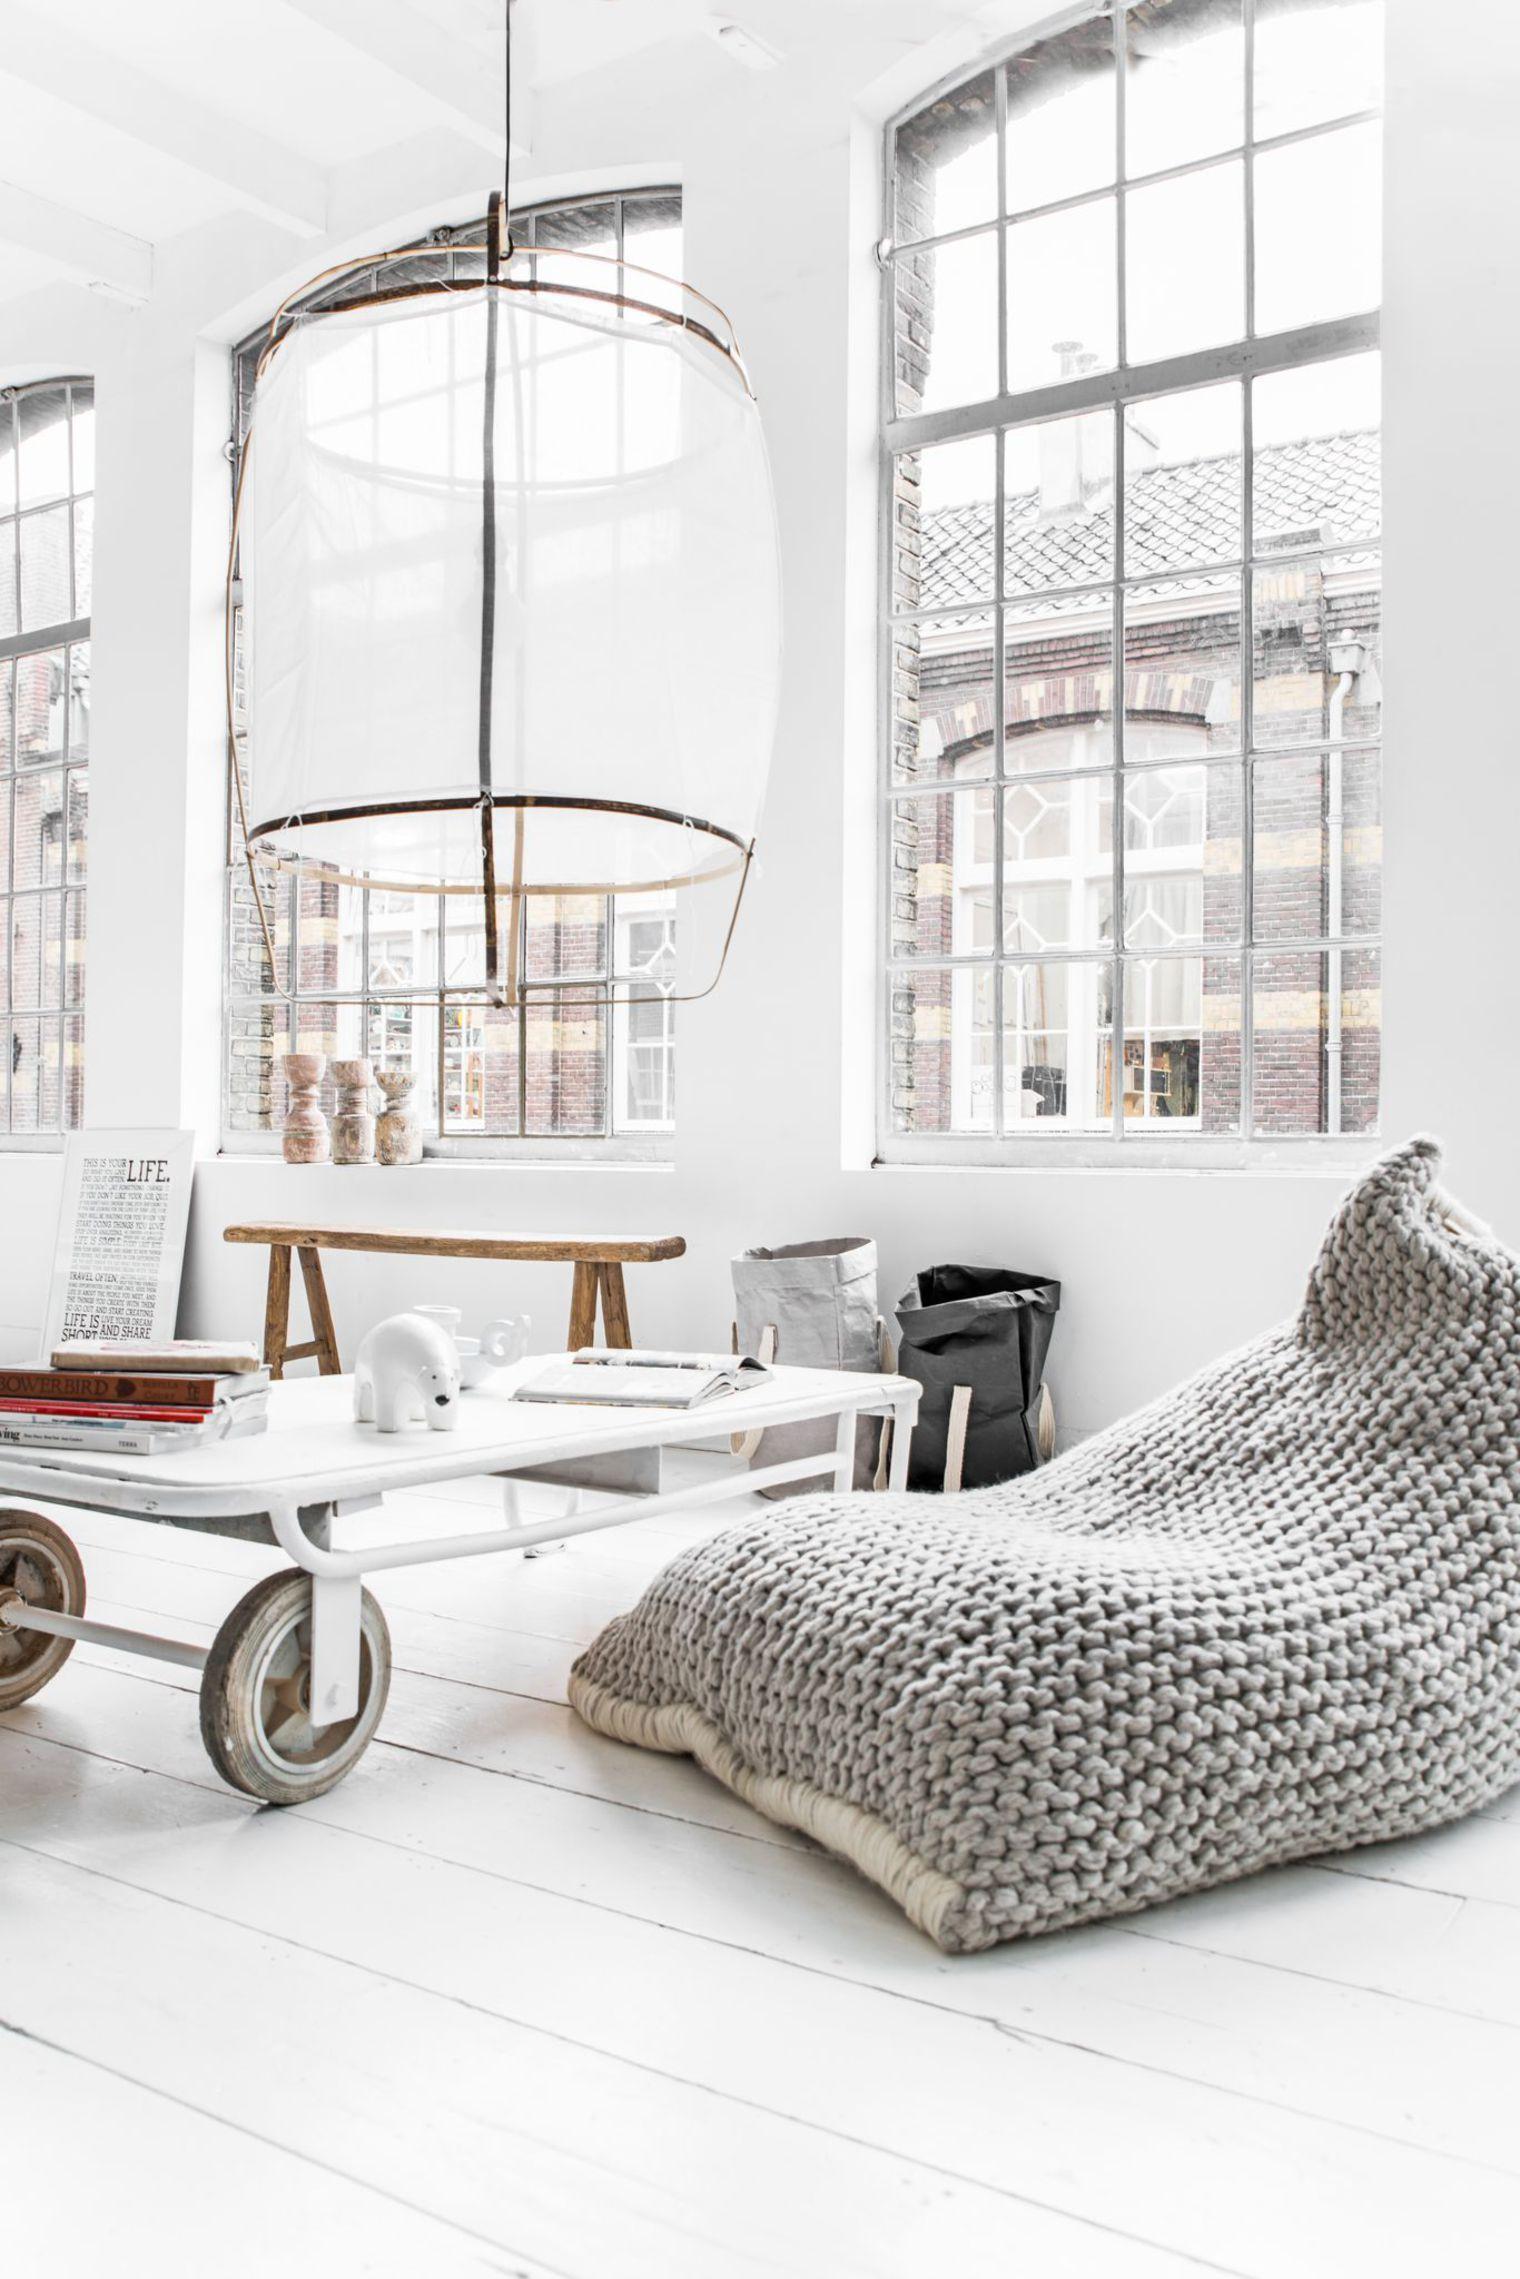 Кресло-мешок с вязанным чехлом в LOFT интерьере